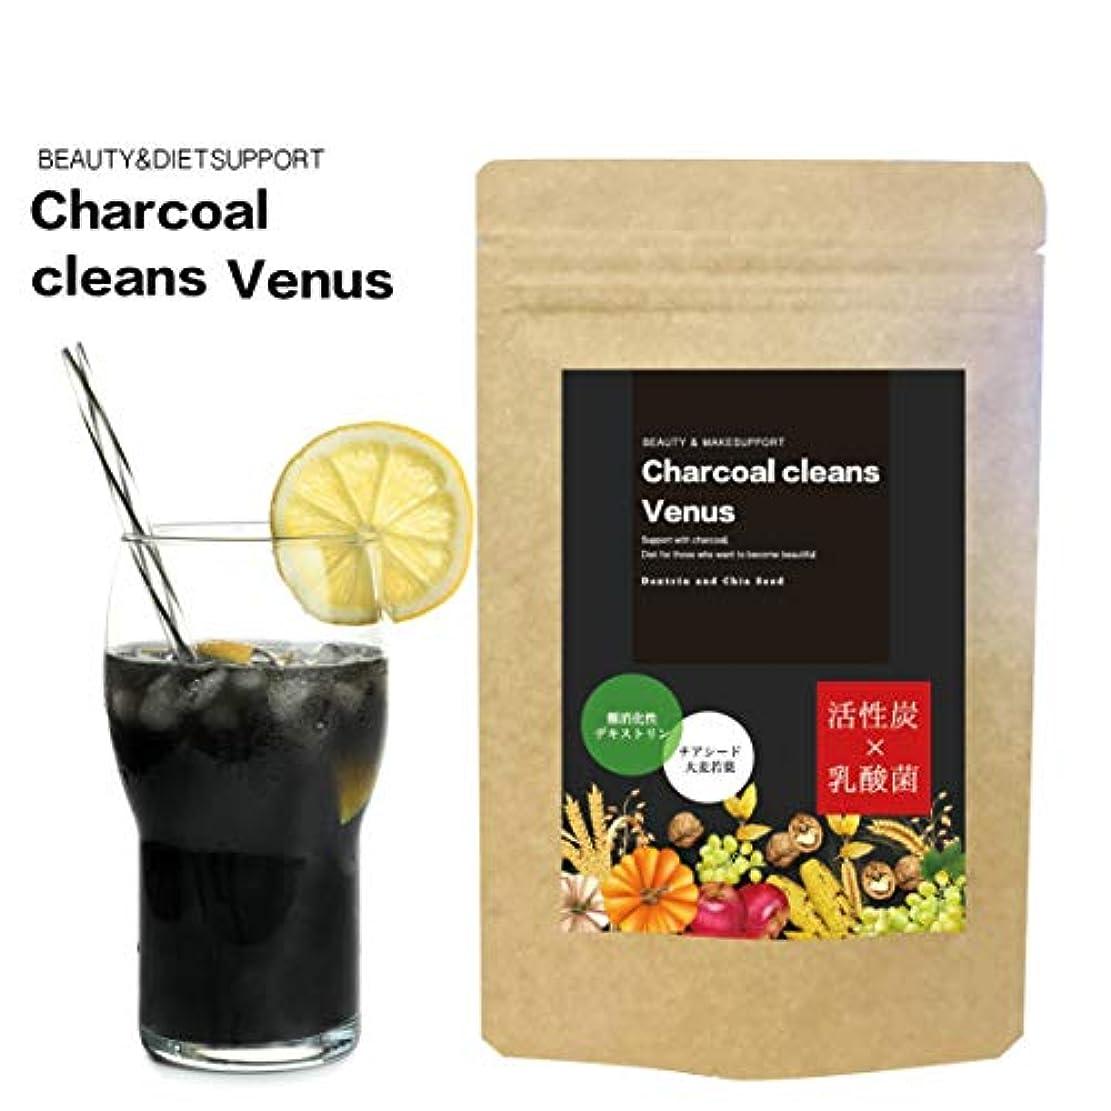 子供達味わう文献炭 デトックス & ダイエット 活性炭 + 乳酸菌 チャコールクレンズ ビーナス 約1ヶ月分 150g フルーツMIX味